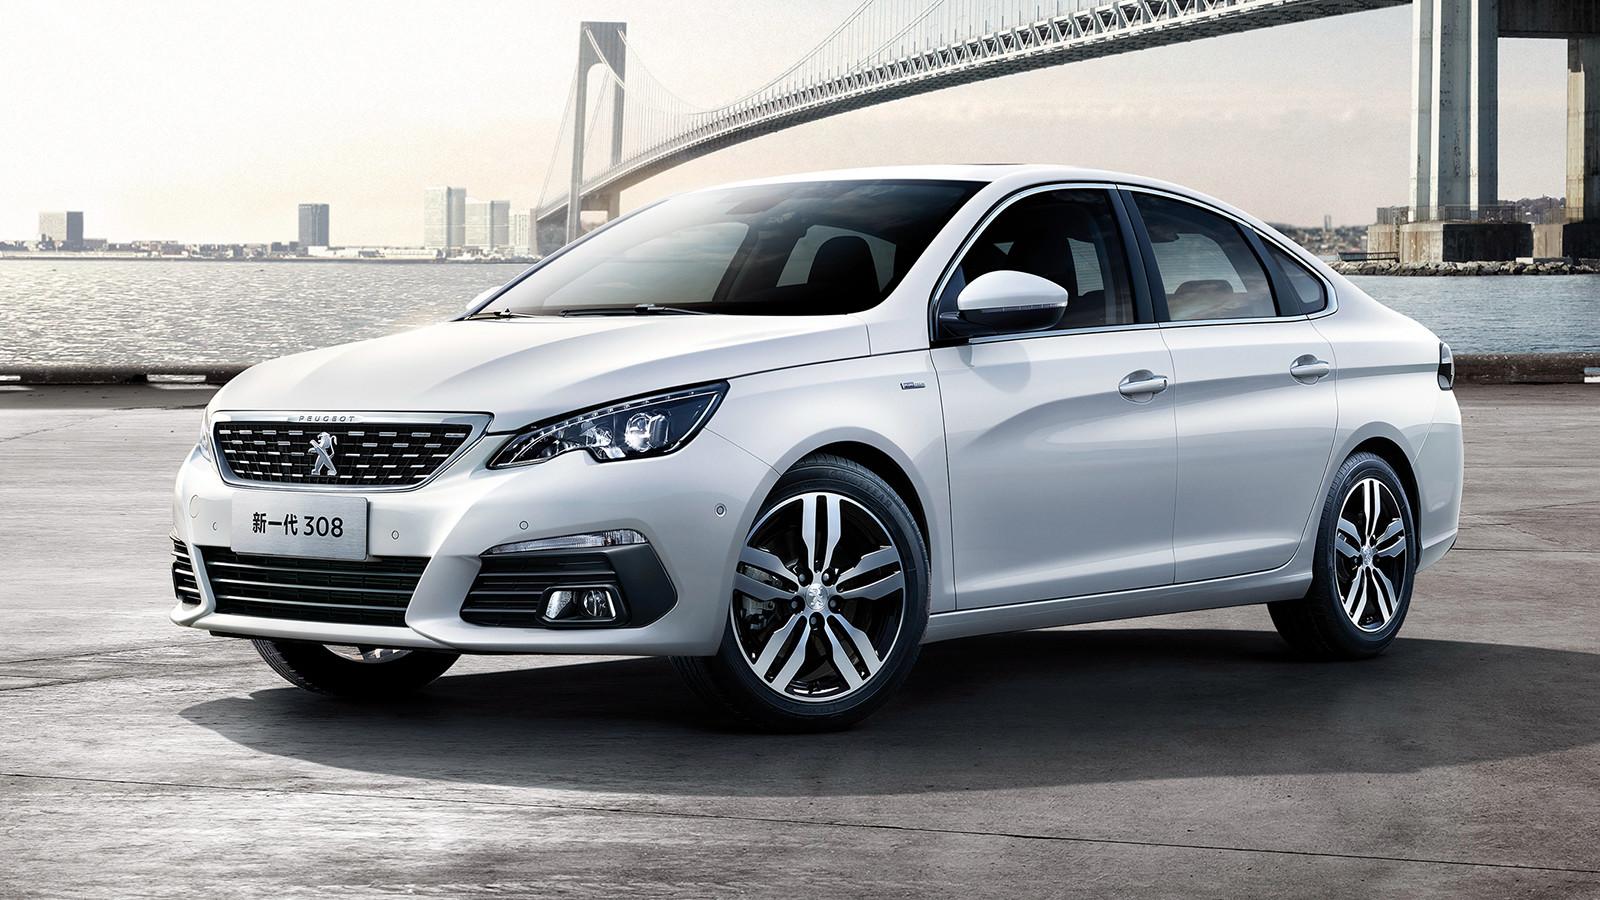 Peugeot (Пежо) привезет втекущем году в Российскую Федерацию 4 обновленные модели